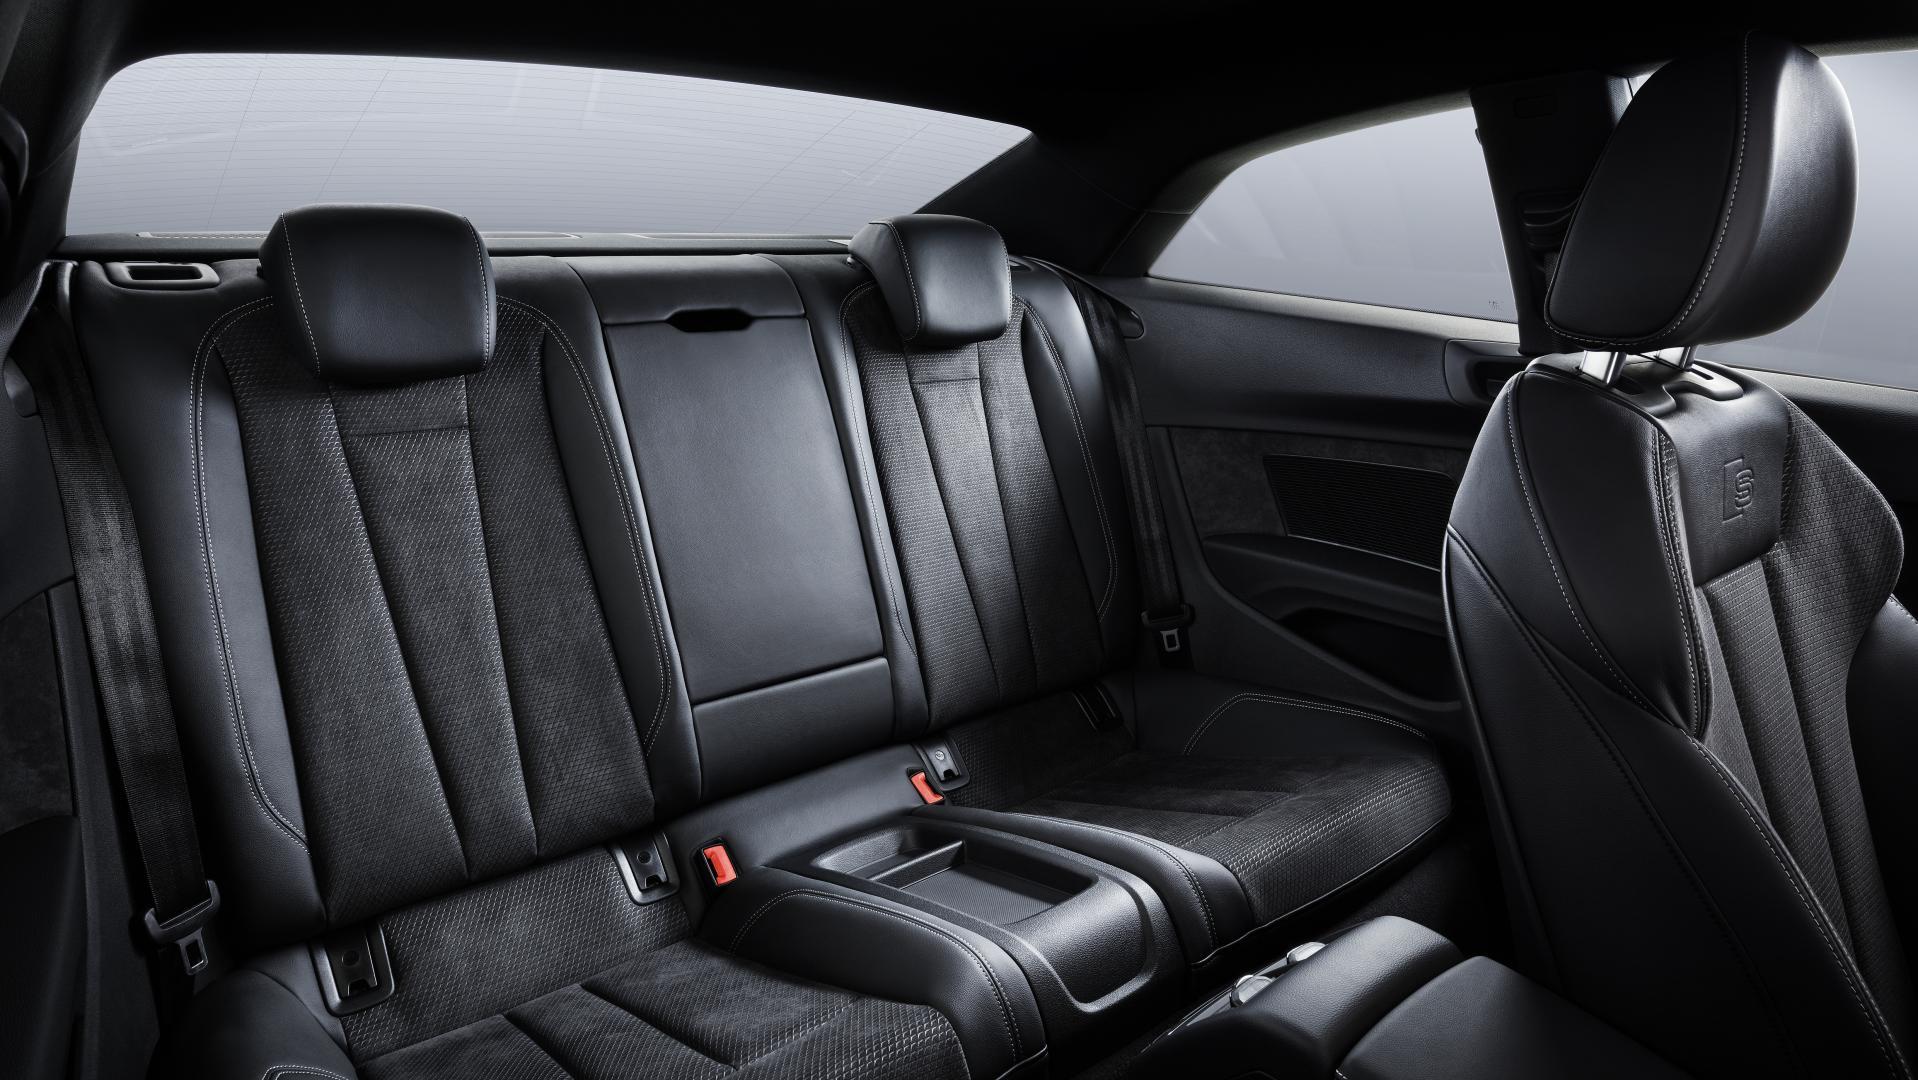 Audi A5-facelift s-line